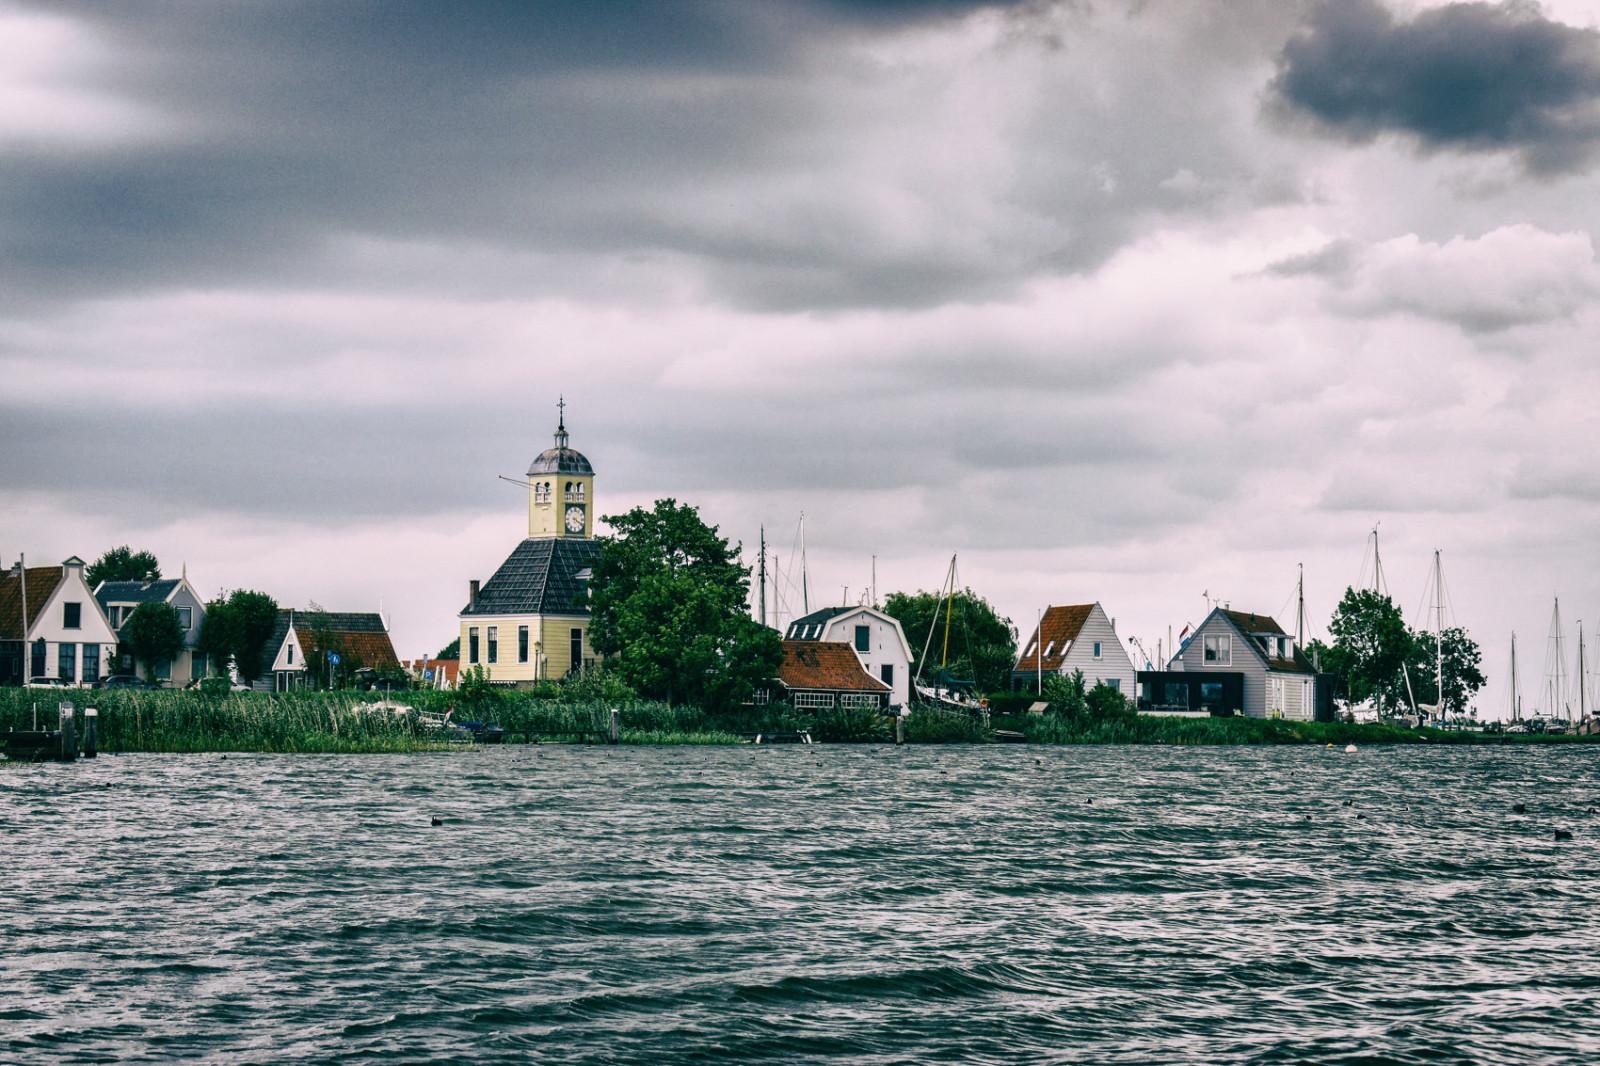 durgerdam-village